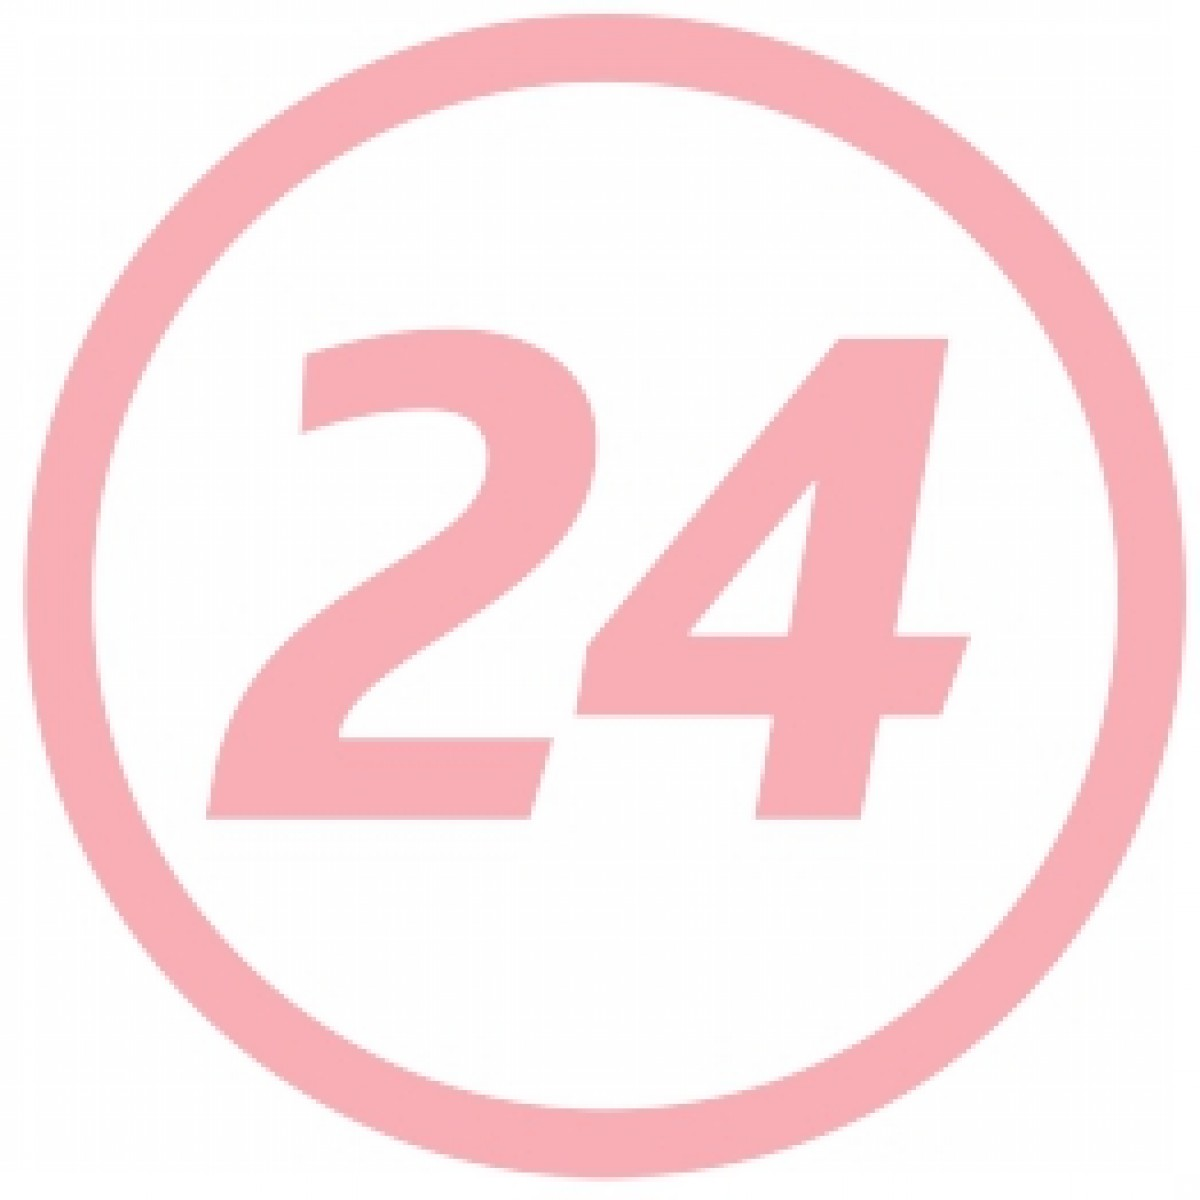 Pudra Minerala Pink Attitude 6.3 Alva Green, 2,25g